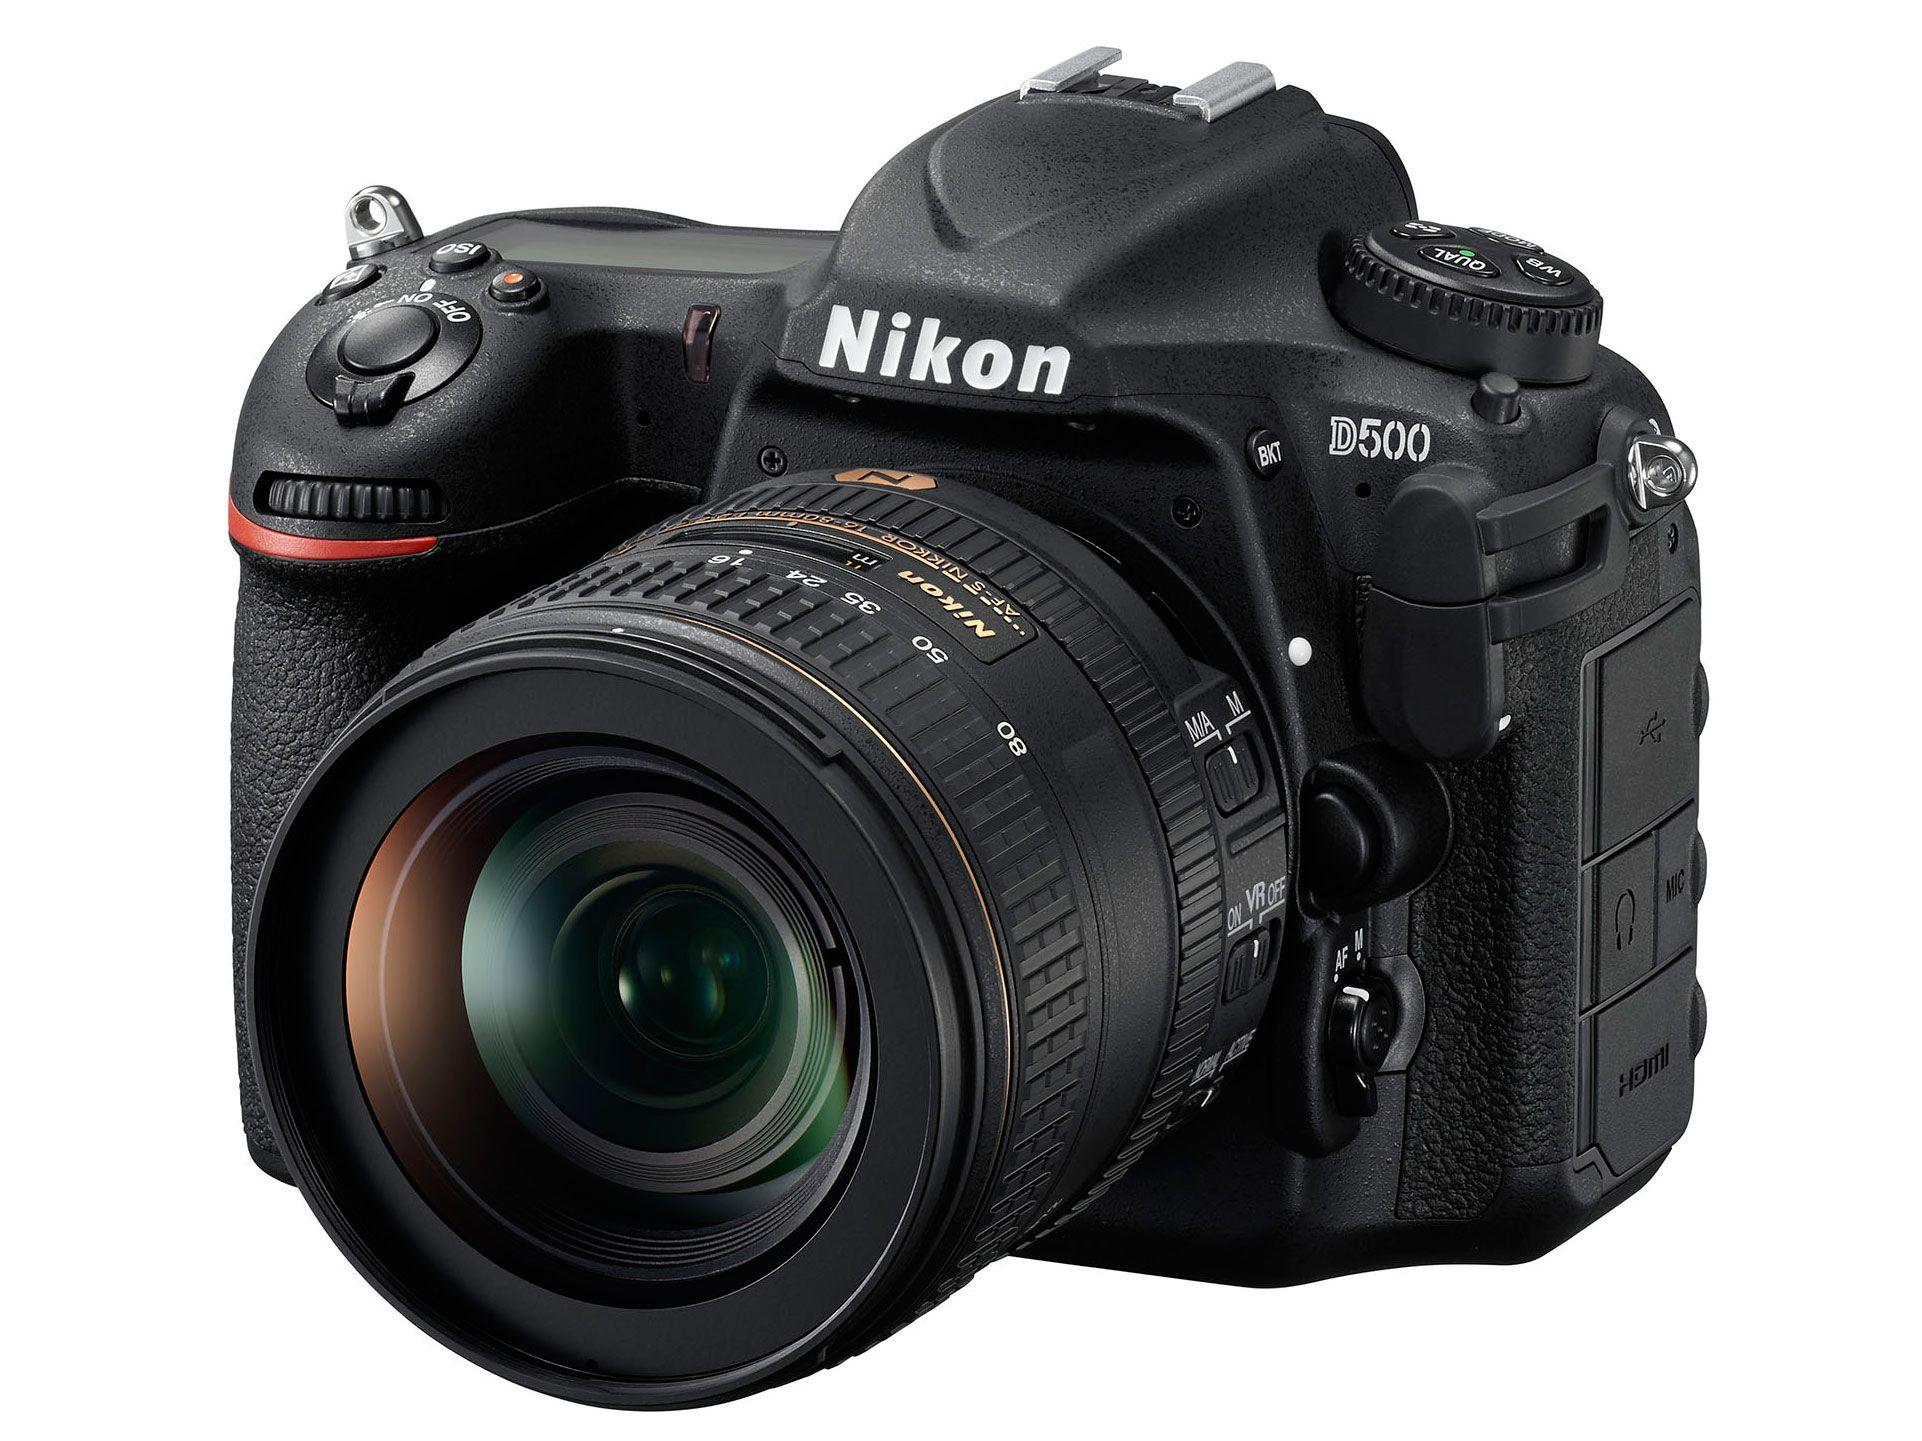 Nikon D500 Product Photos